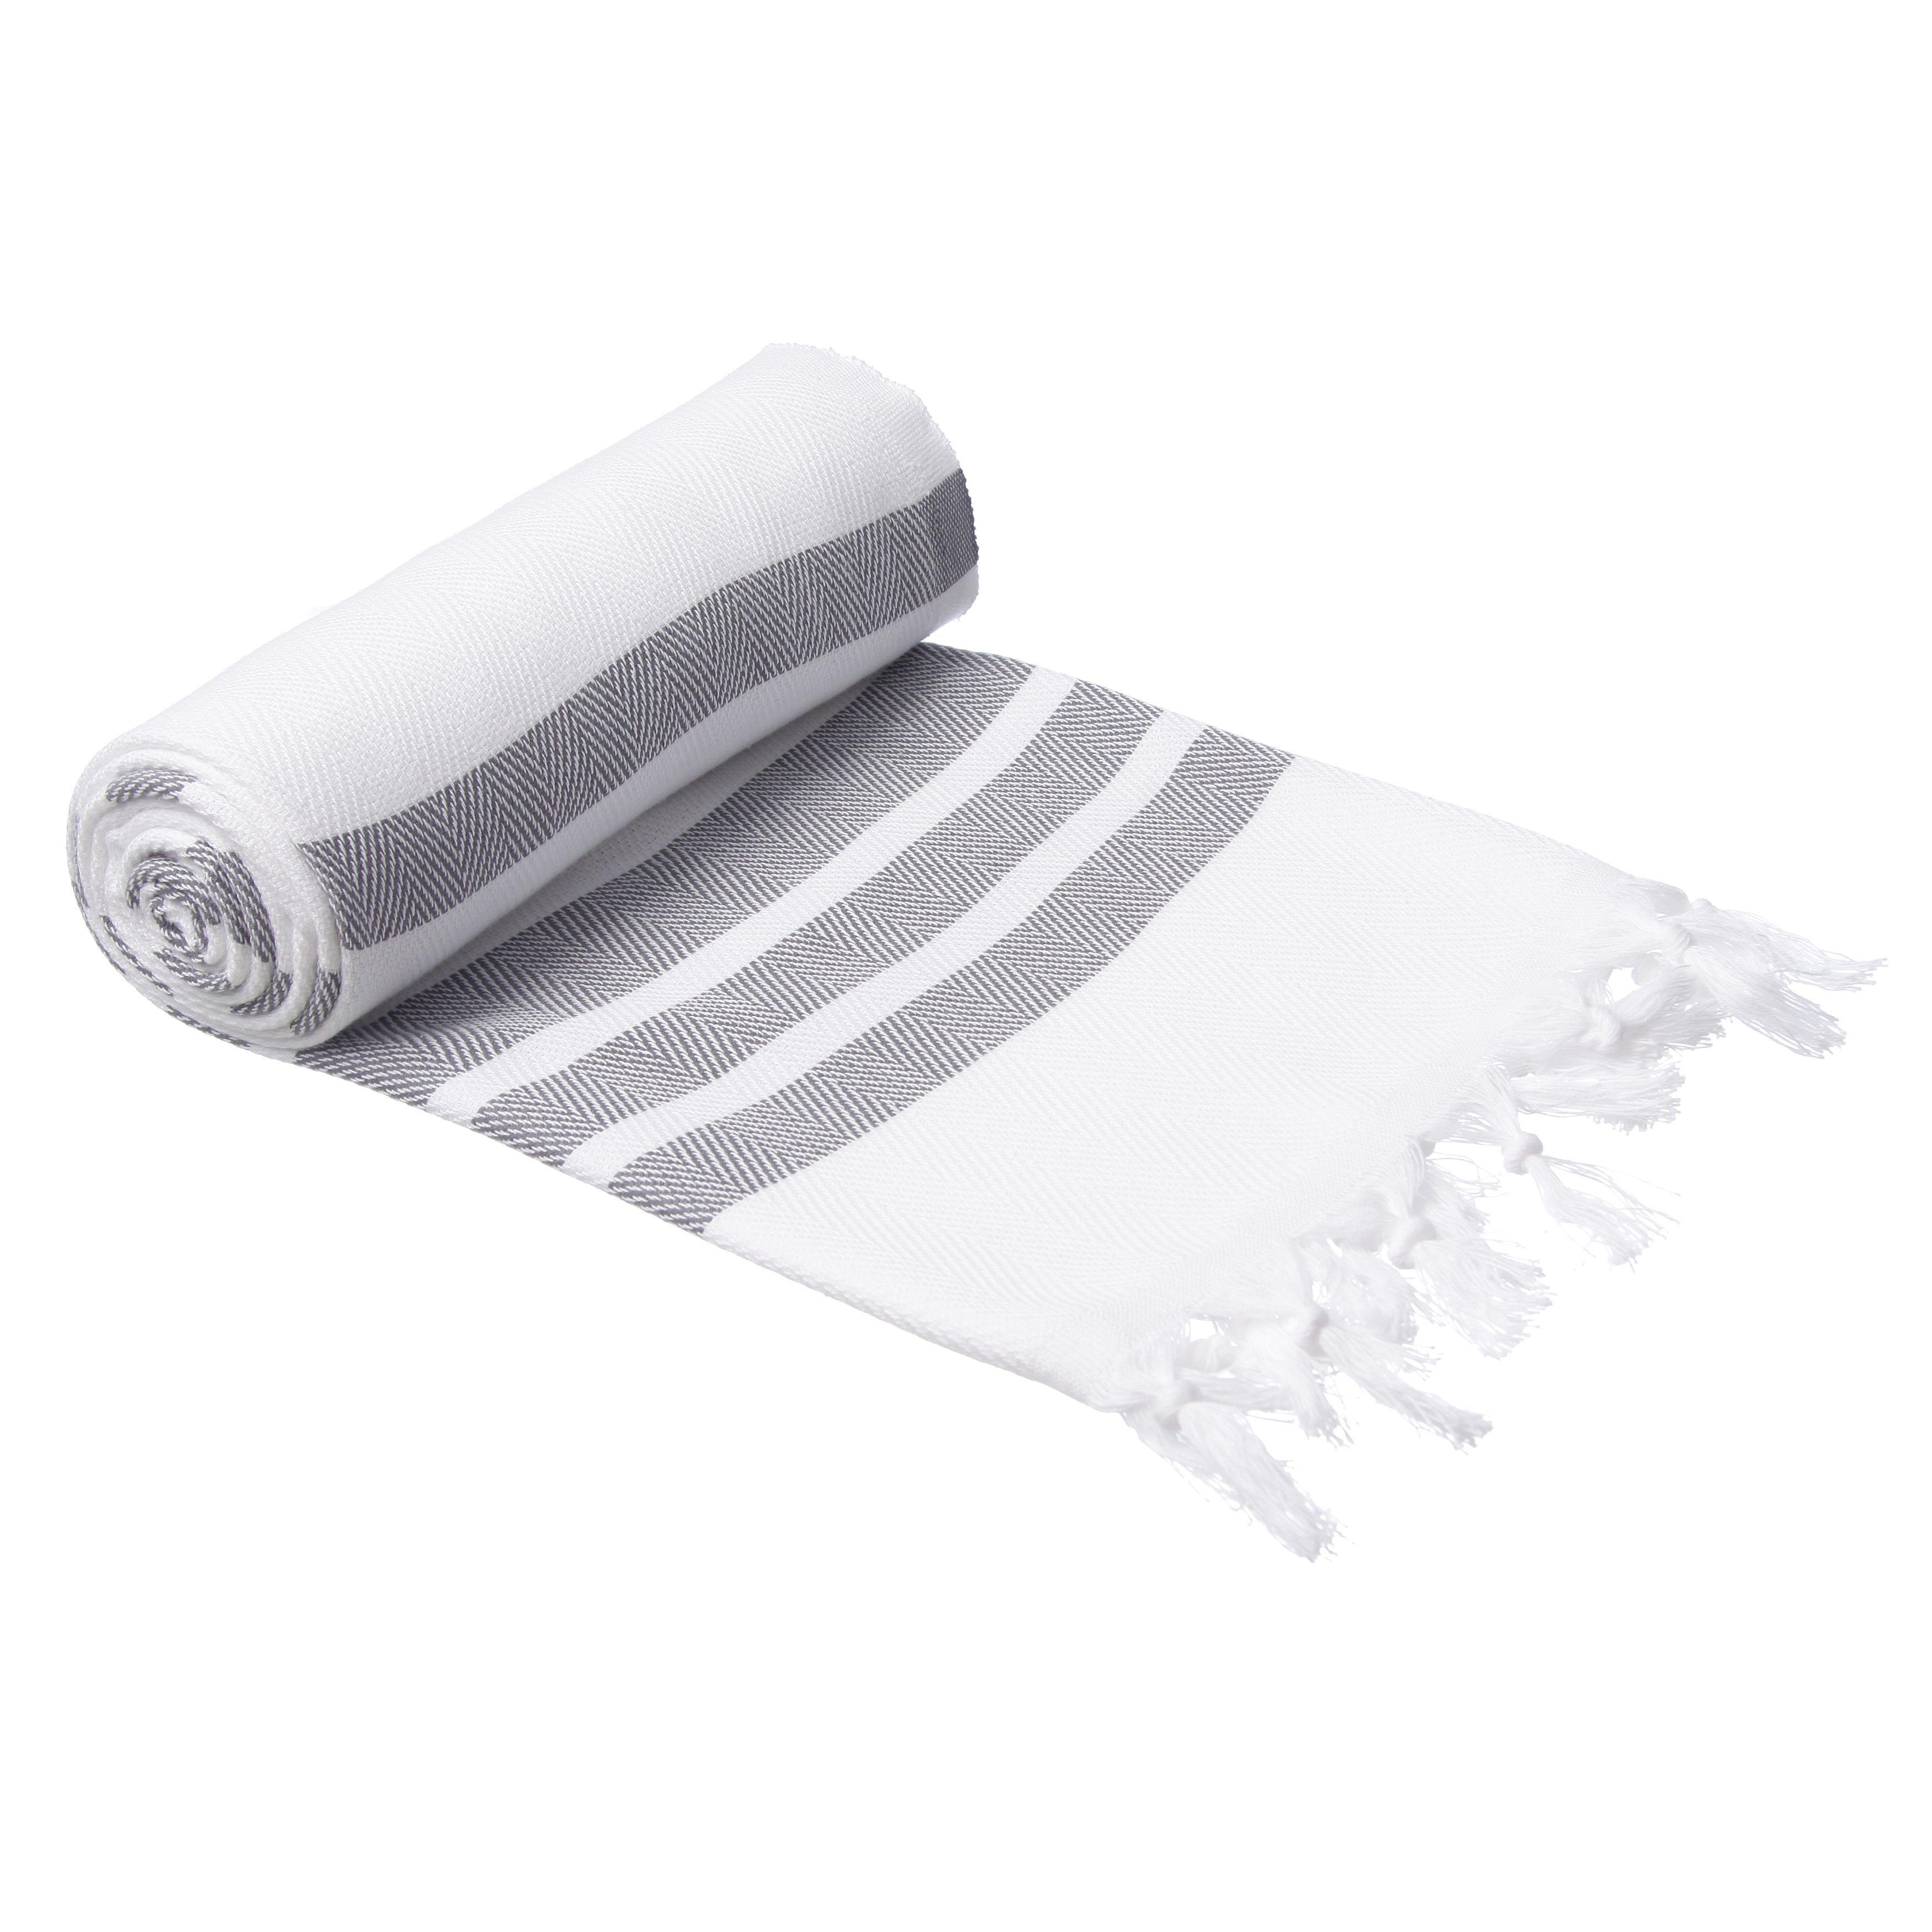 Authentic Pestemal Fouta Gray And White Bold Stripe Turkish Cotton